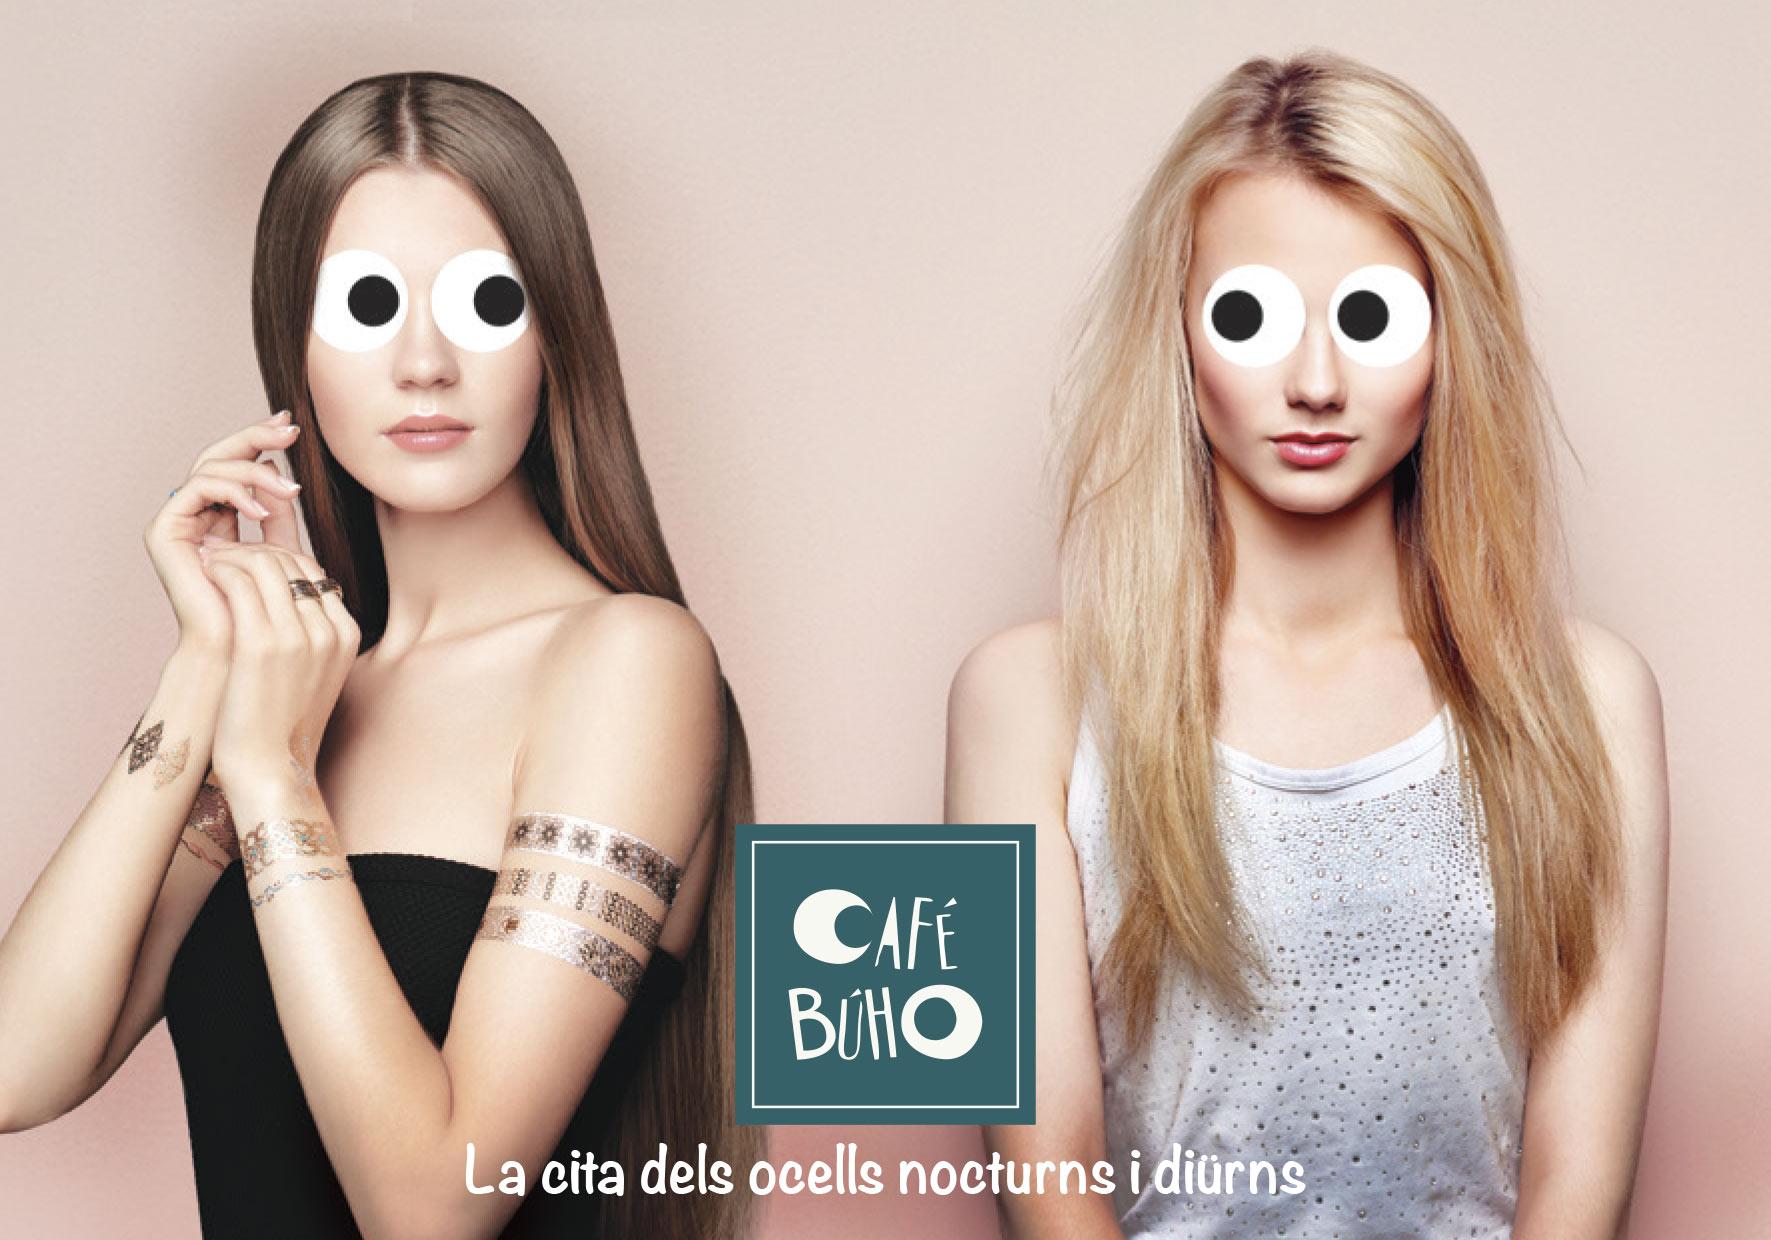 Place des Victoires Communication - Café Buho - Publicité - visuel femmes